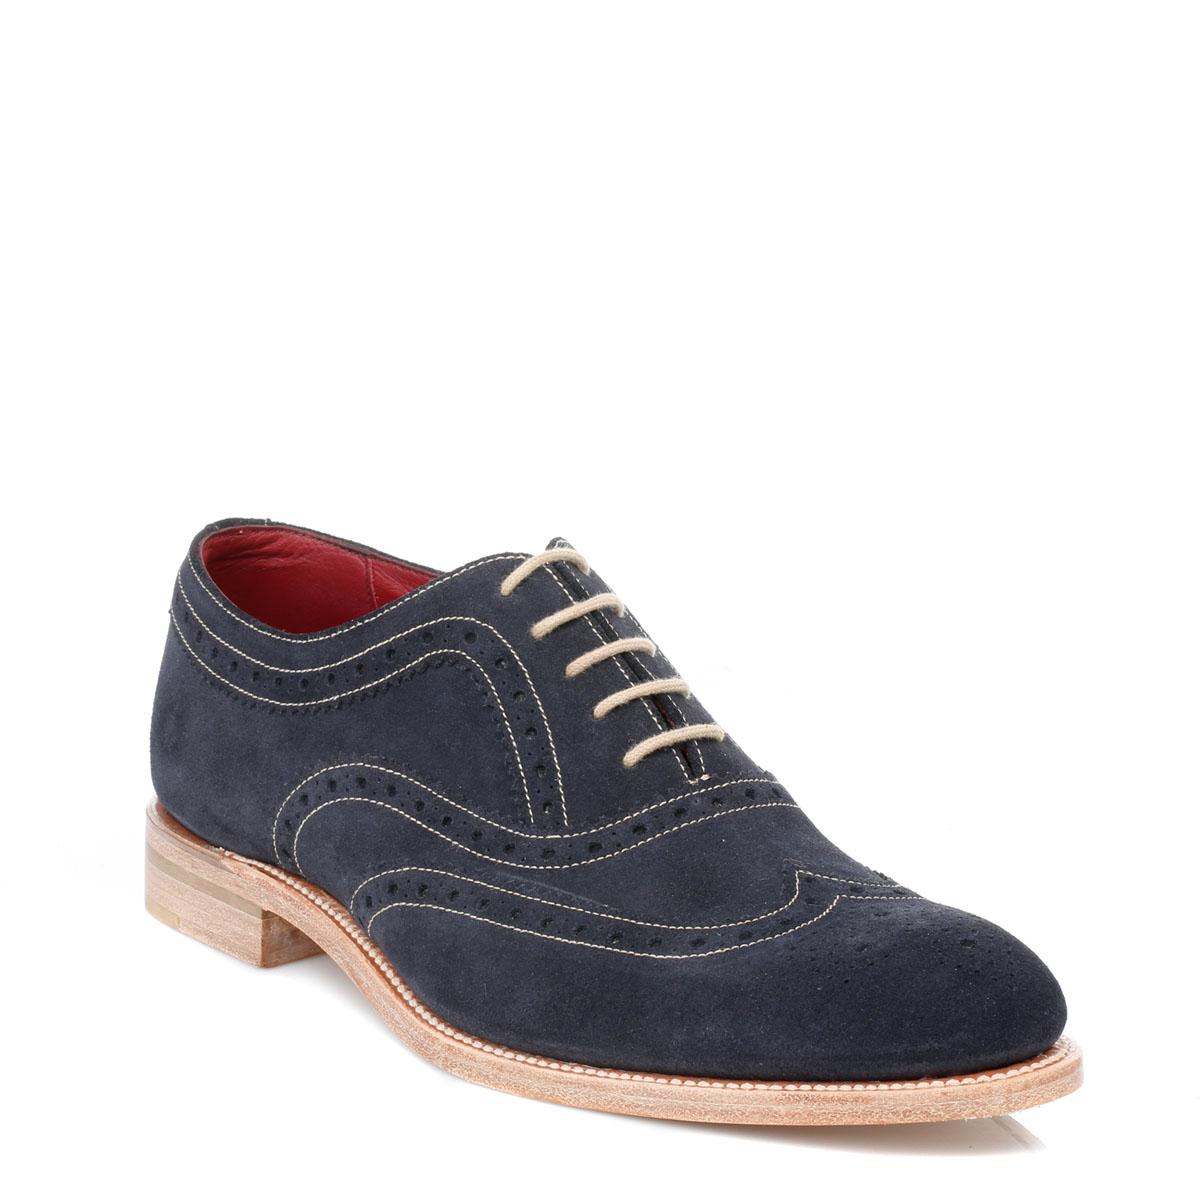 Loake Shoe Laces